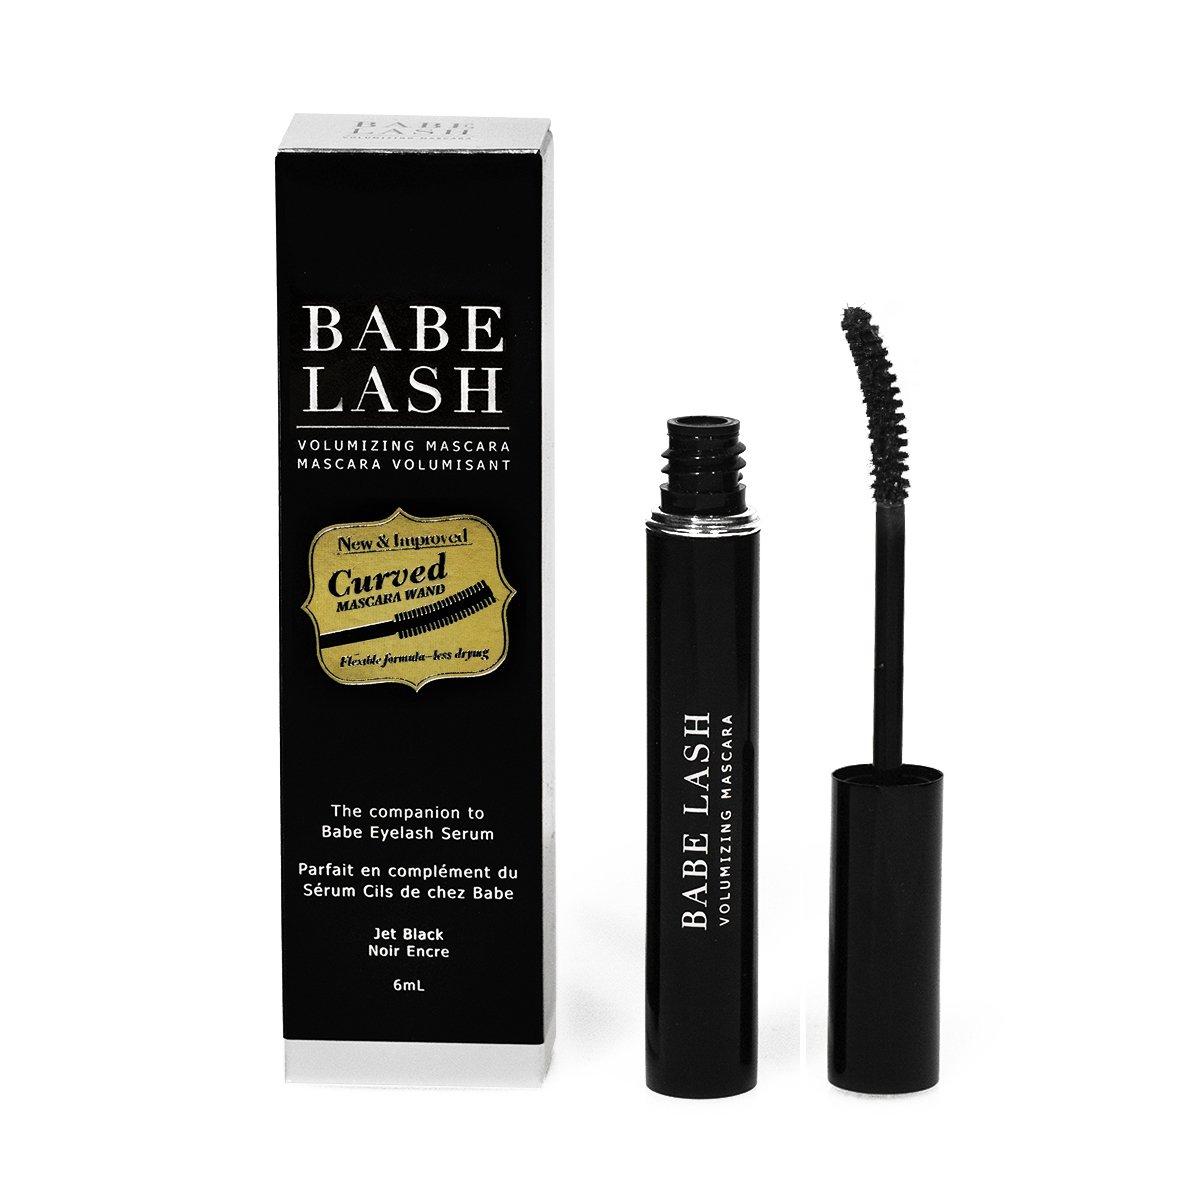 Babe Lash Volumizing Mascara 6mL